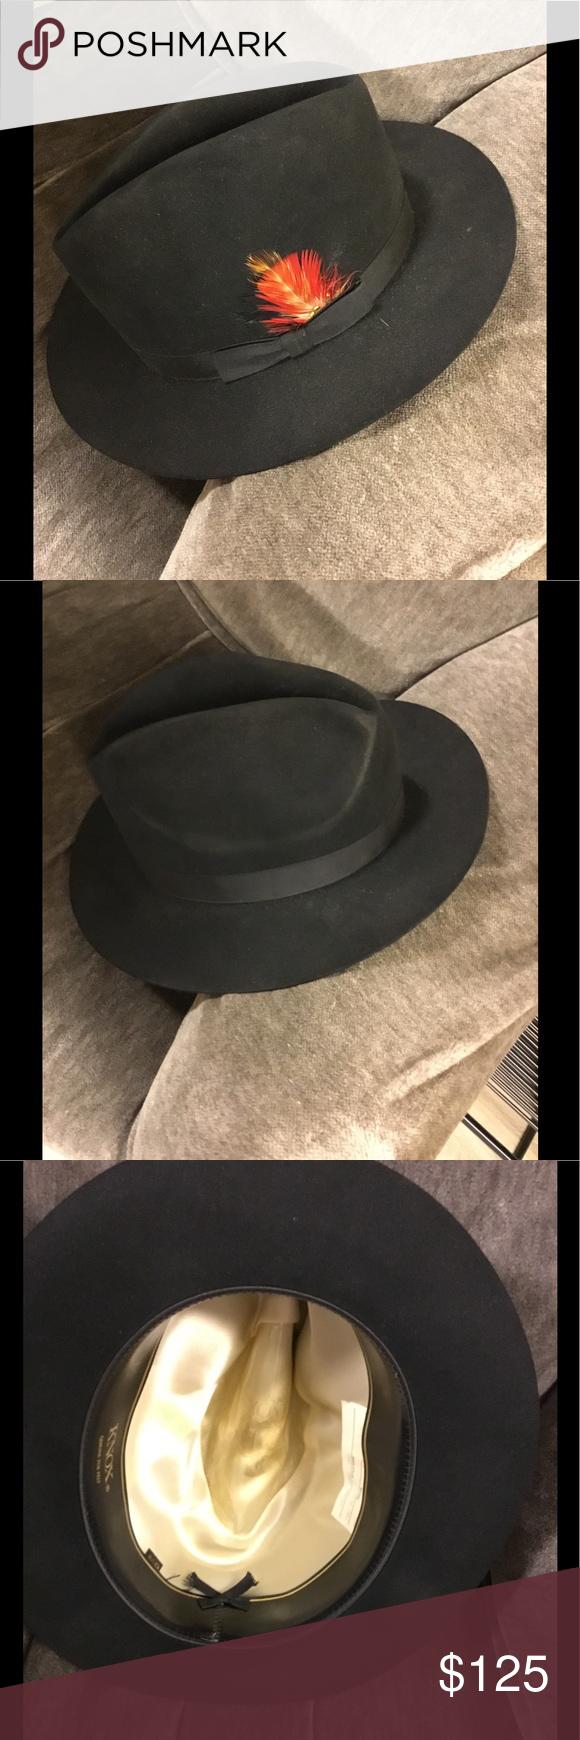 Men s Vintage Felt Fedora Vintage Knox New York Fedora eec086050a57